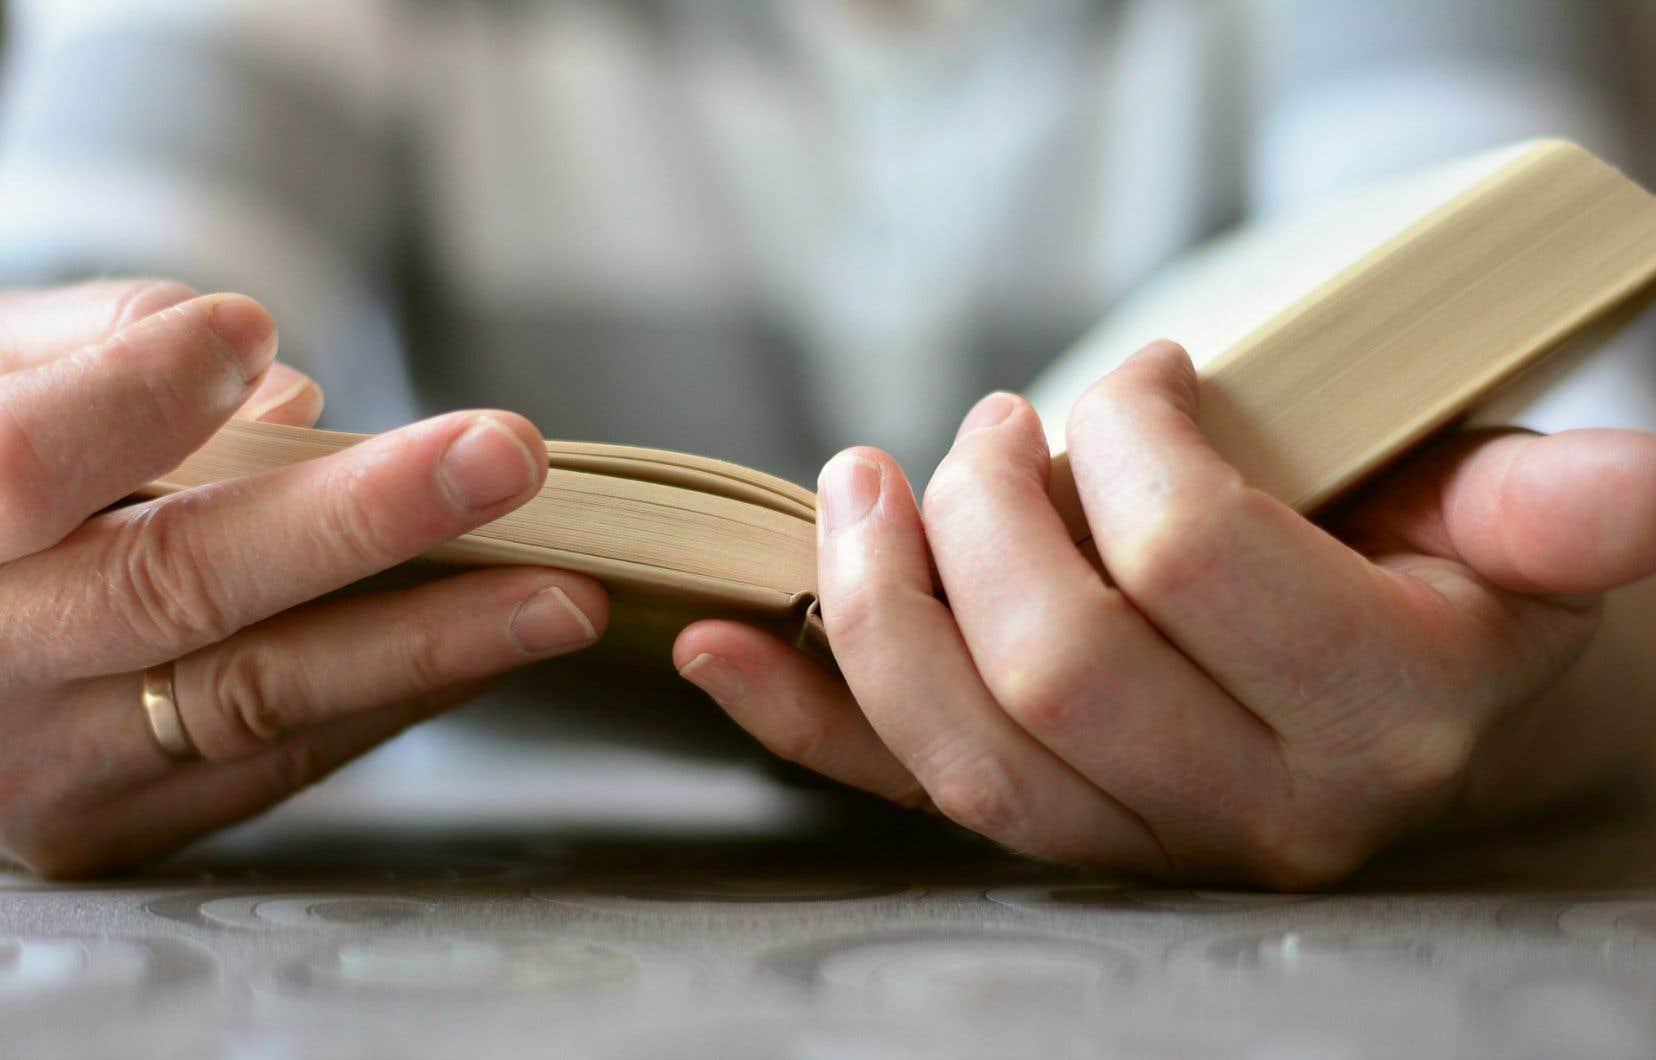 «Le français est la langue dans laquelle j'enseigne la littérature, dans laquelle j'ai écrit tous mes livres», précise l'autrice.